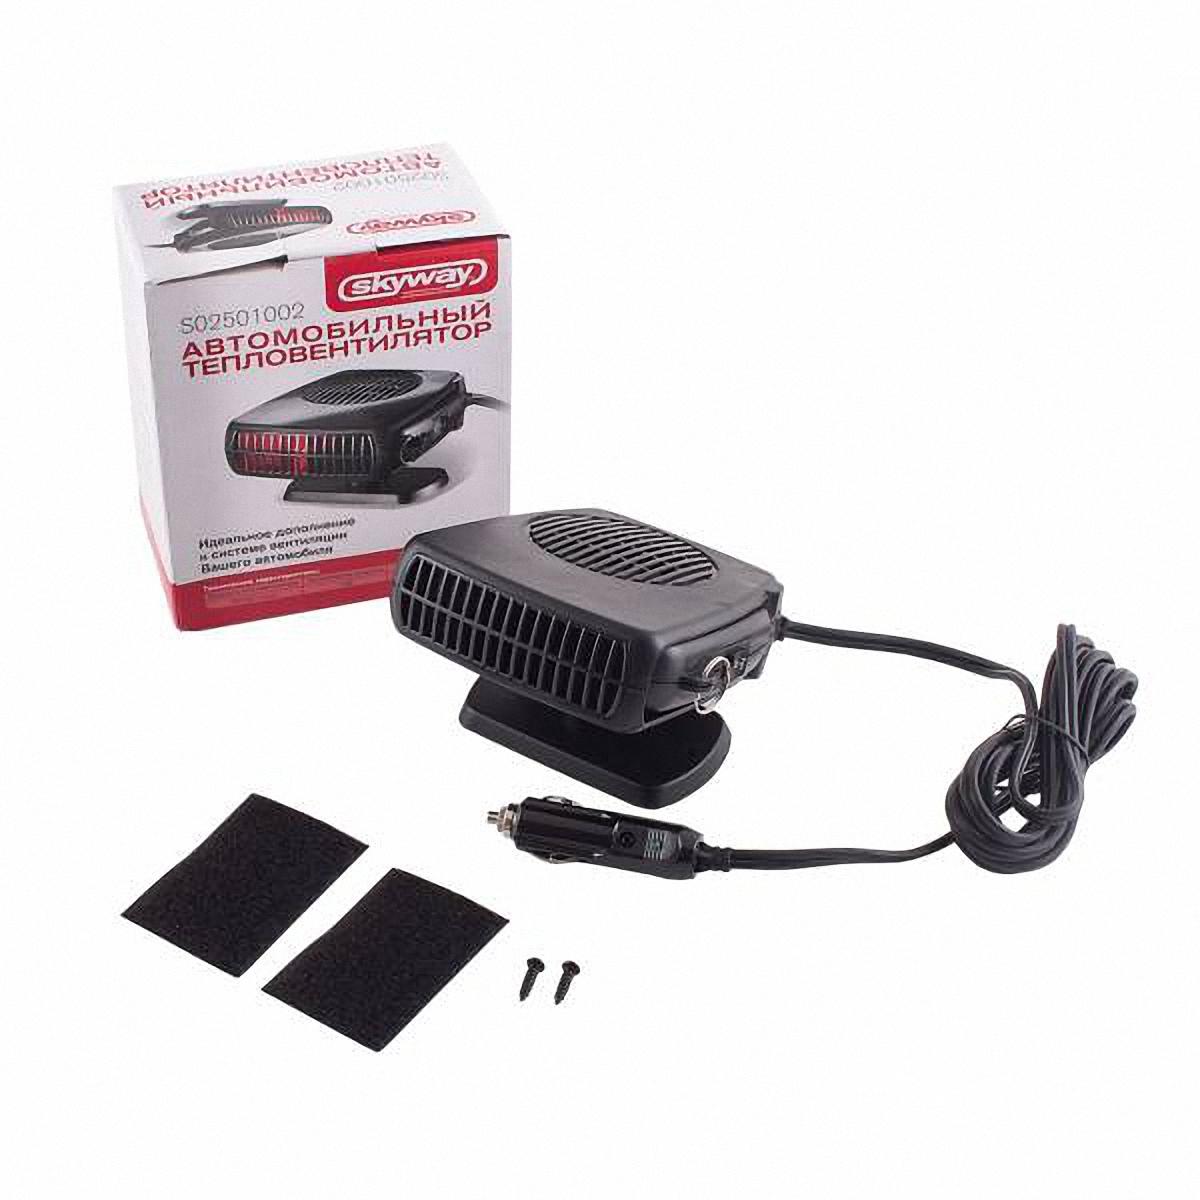 Тепловентилятор автомобильный Skyway. S02501002S02501002Тепловентилятор Skyway предназначен для прогрева салона автомобиля. Незаменимый прибор в зимнее время. Способствует быстрому оттаиванию замерзших стекол. Идеальное дополнение к системе вентиляции вашего автомобиля. Особенности: - Очищает лобовое стекло от наледи. - Летом может использоваться в качестве вентилятора. - Корпус устройства выполнен из керамики. - Надежная фиксация в салоне автомобиля с помощью клейкой ленты или шурупов. - Имеет вращающуюся основу. - Имеет практичную складную ручку. Технические характеристики: Входящая мощность: 12 V/12,5 А. Мощность тепловентилятора: 150 Ватт (max). Комплектация: - Тепловентилятор; - Основа под тепловентилятор; - Инструкция по эксплуатации; - Шурупы - 2шт; - Лента для крепления - 1шт.